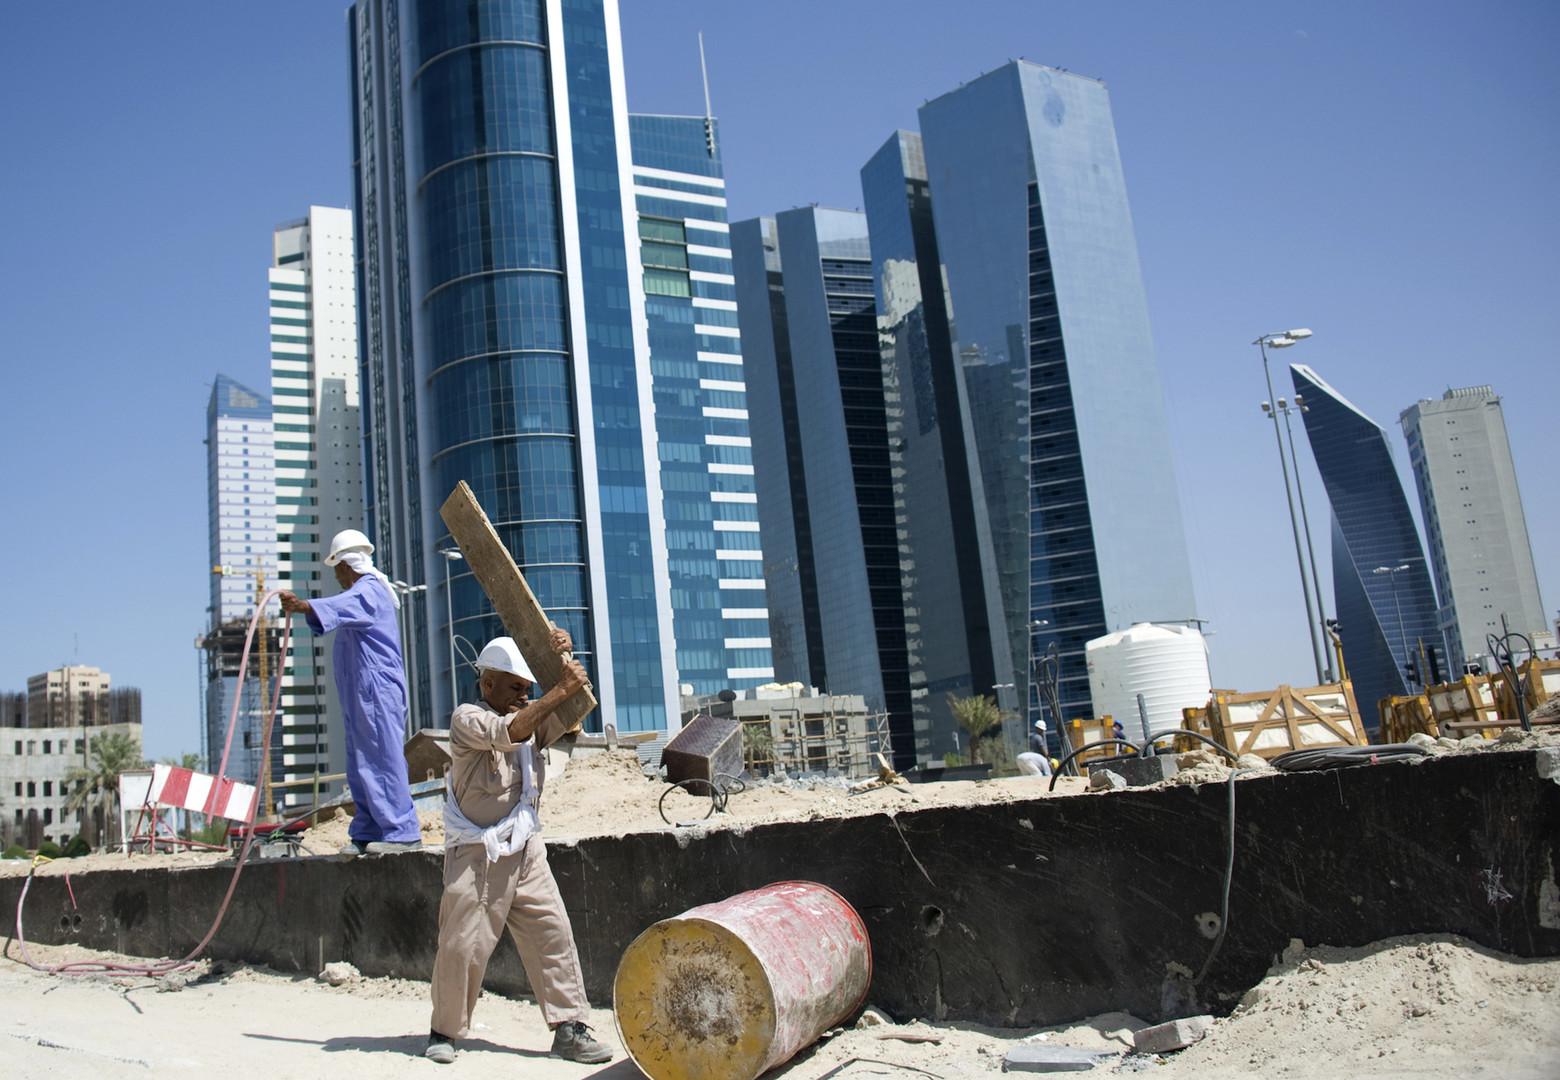 الكويت.. انتقادات برلمانية حادة بسبب تقرير عن العمالة المصرية!